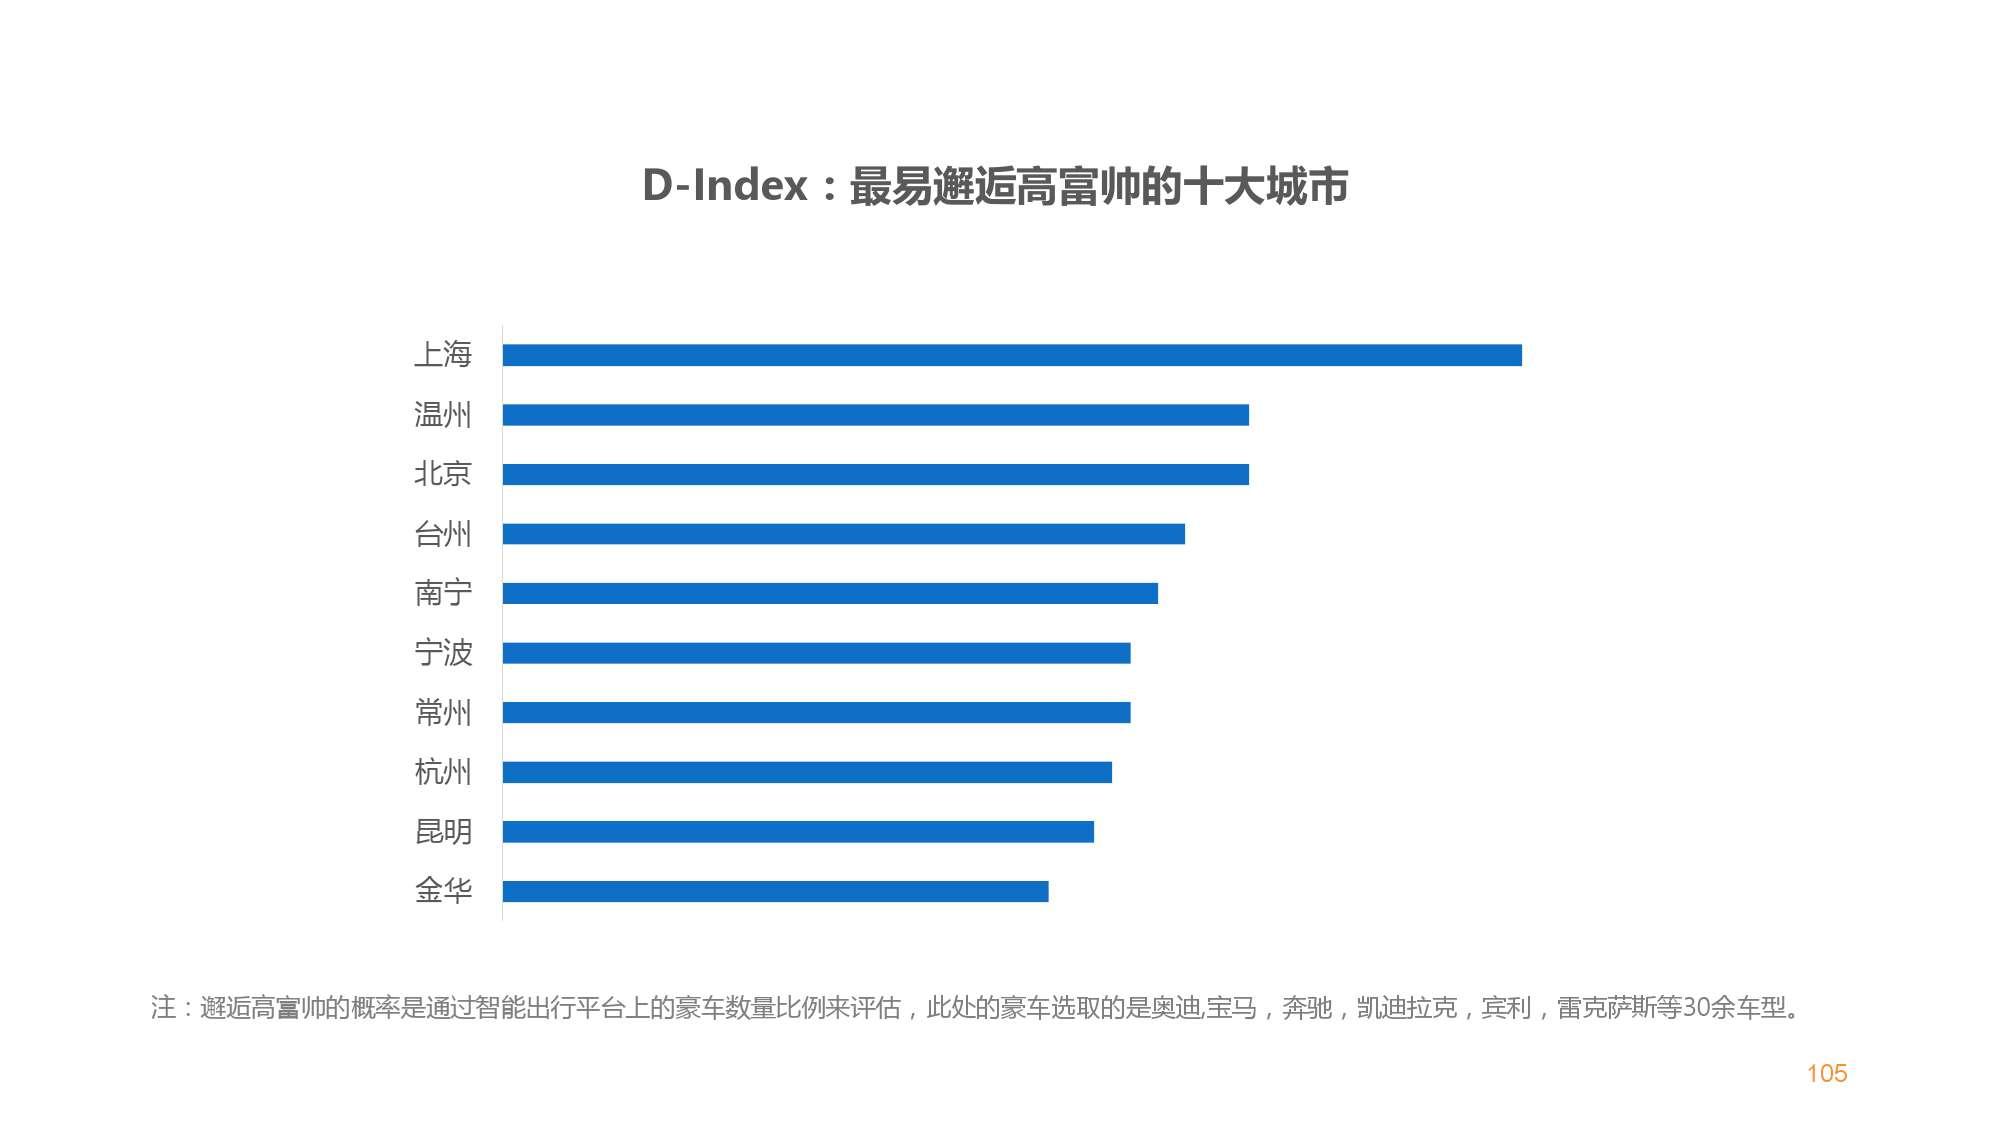 中国智能出行2015大数据报告_000105